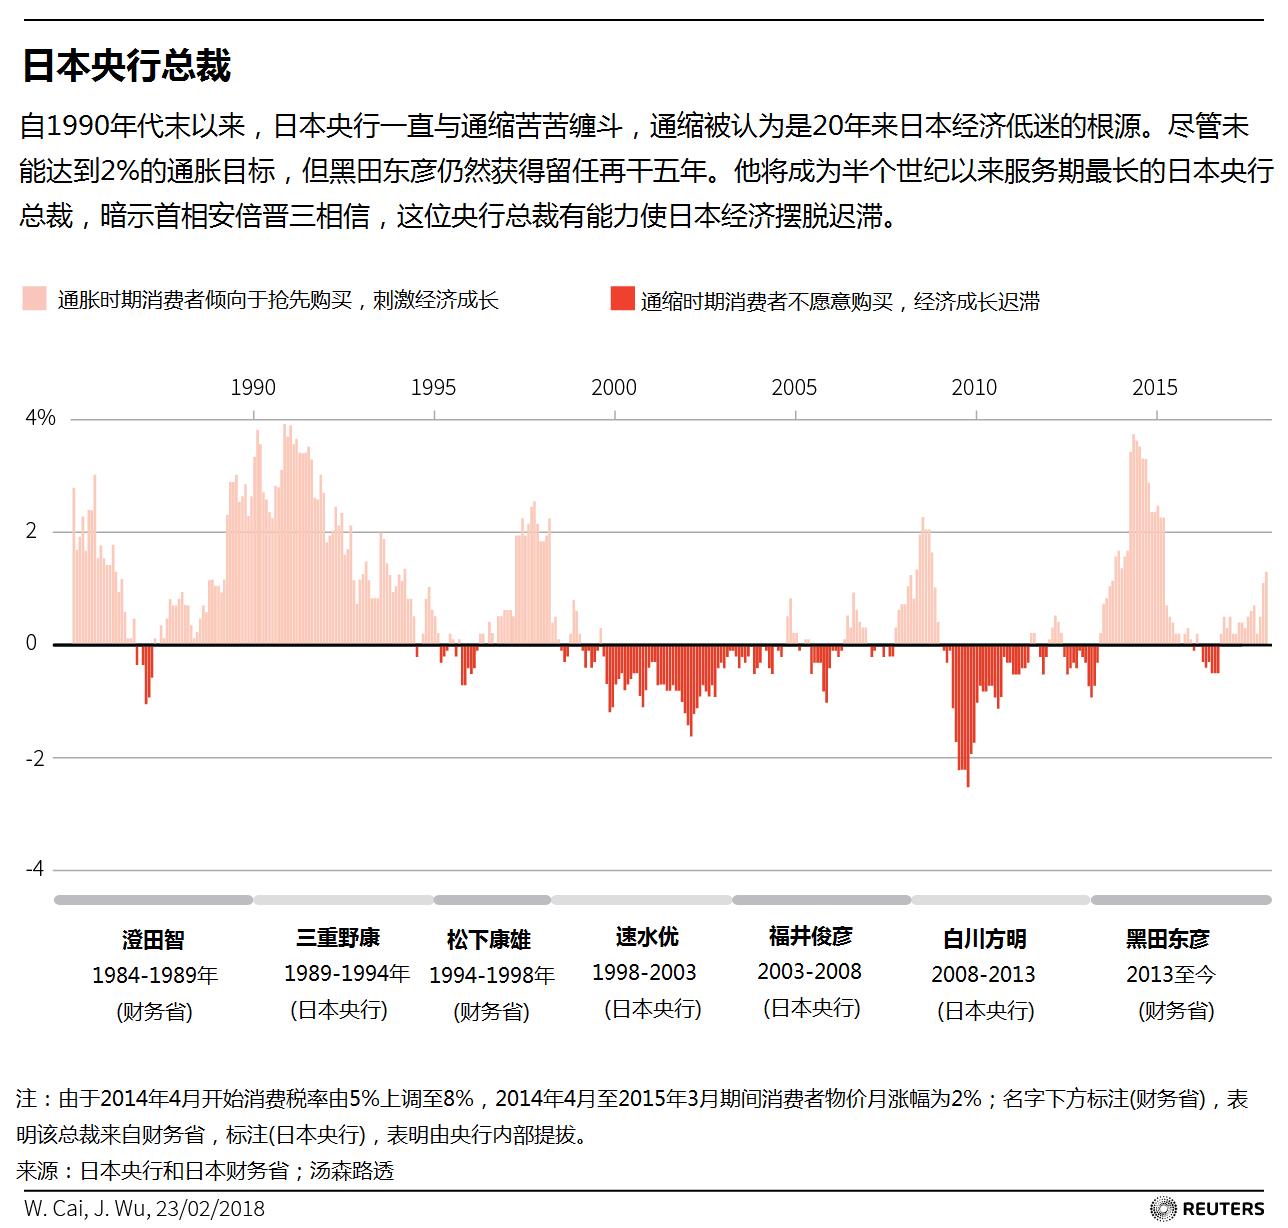 分析:黑田东彦留任日本央行总裁 但第二个任期绝非坦途